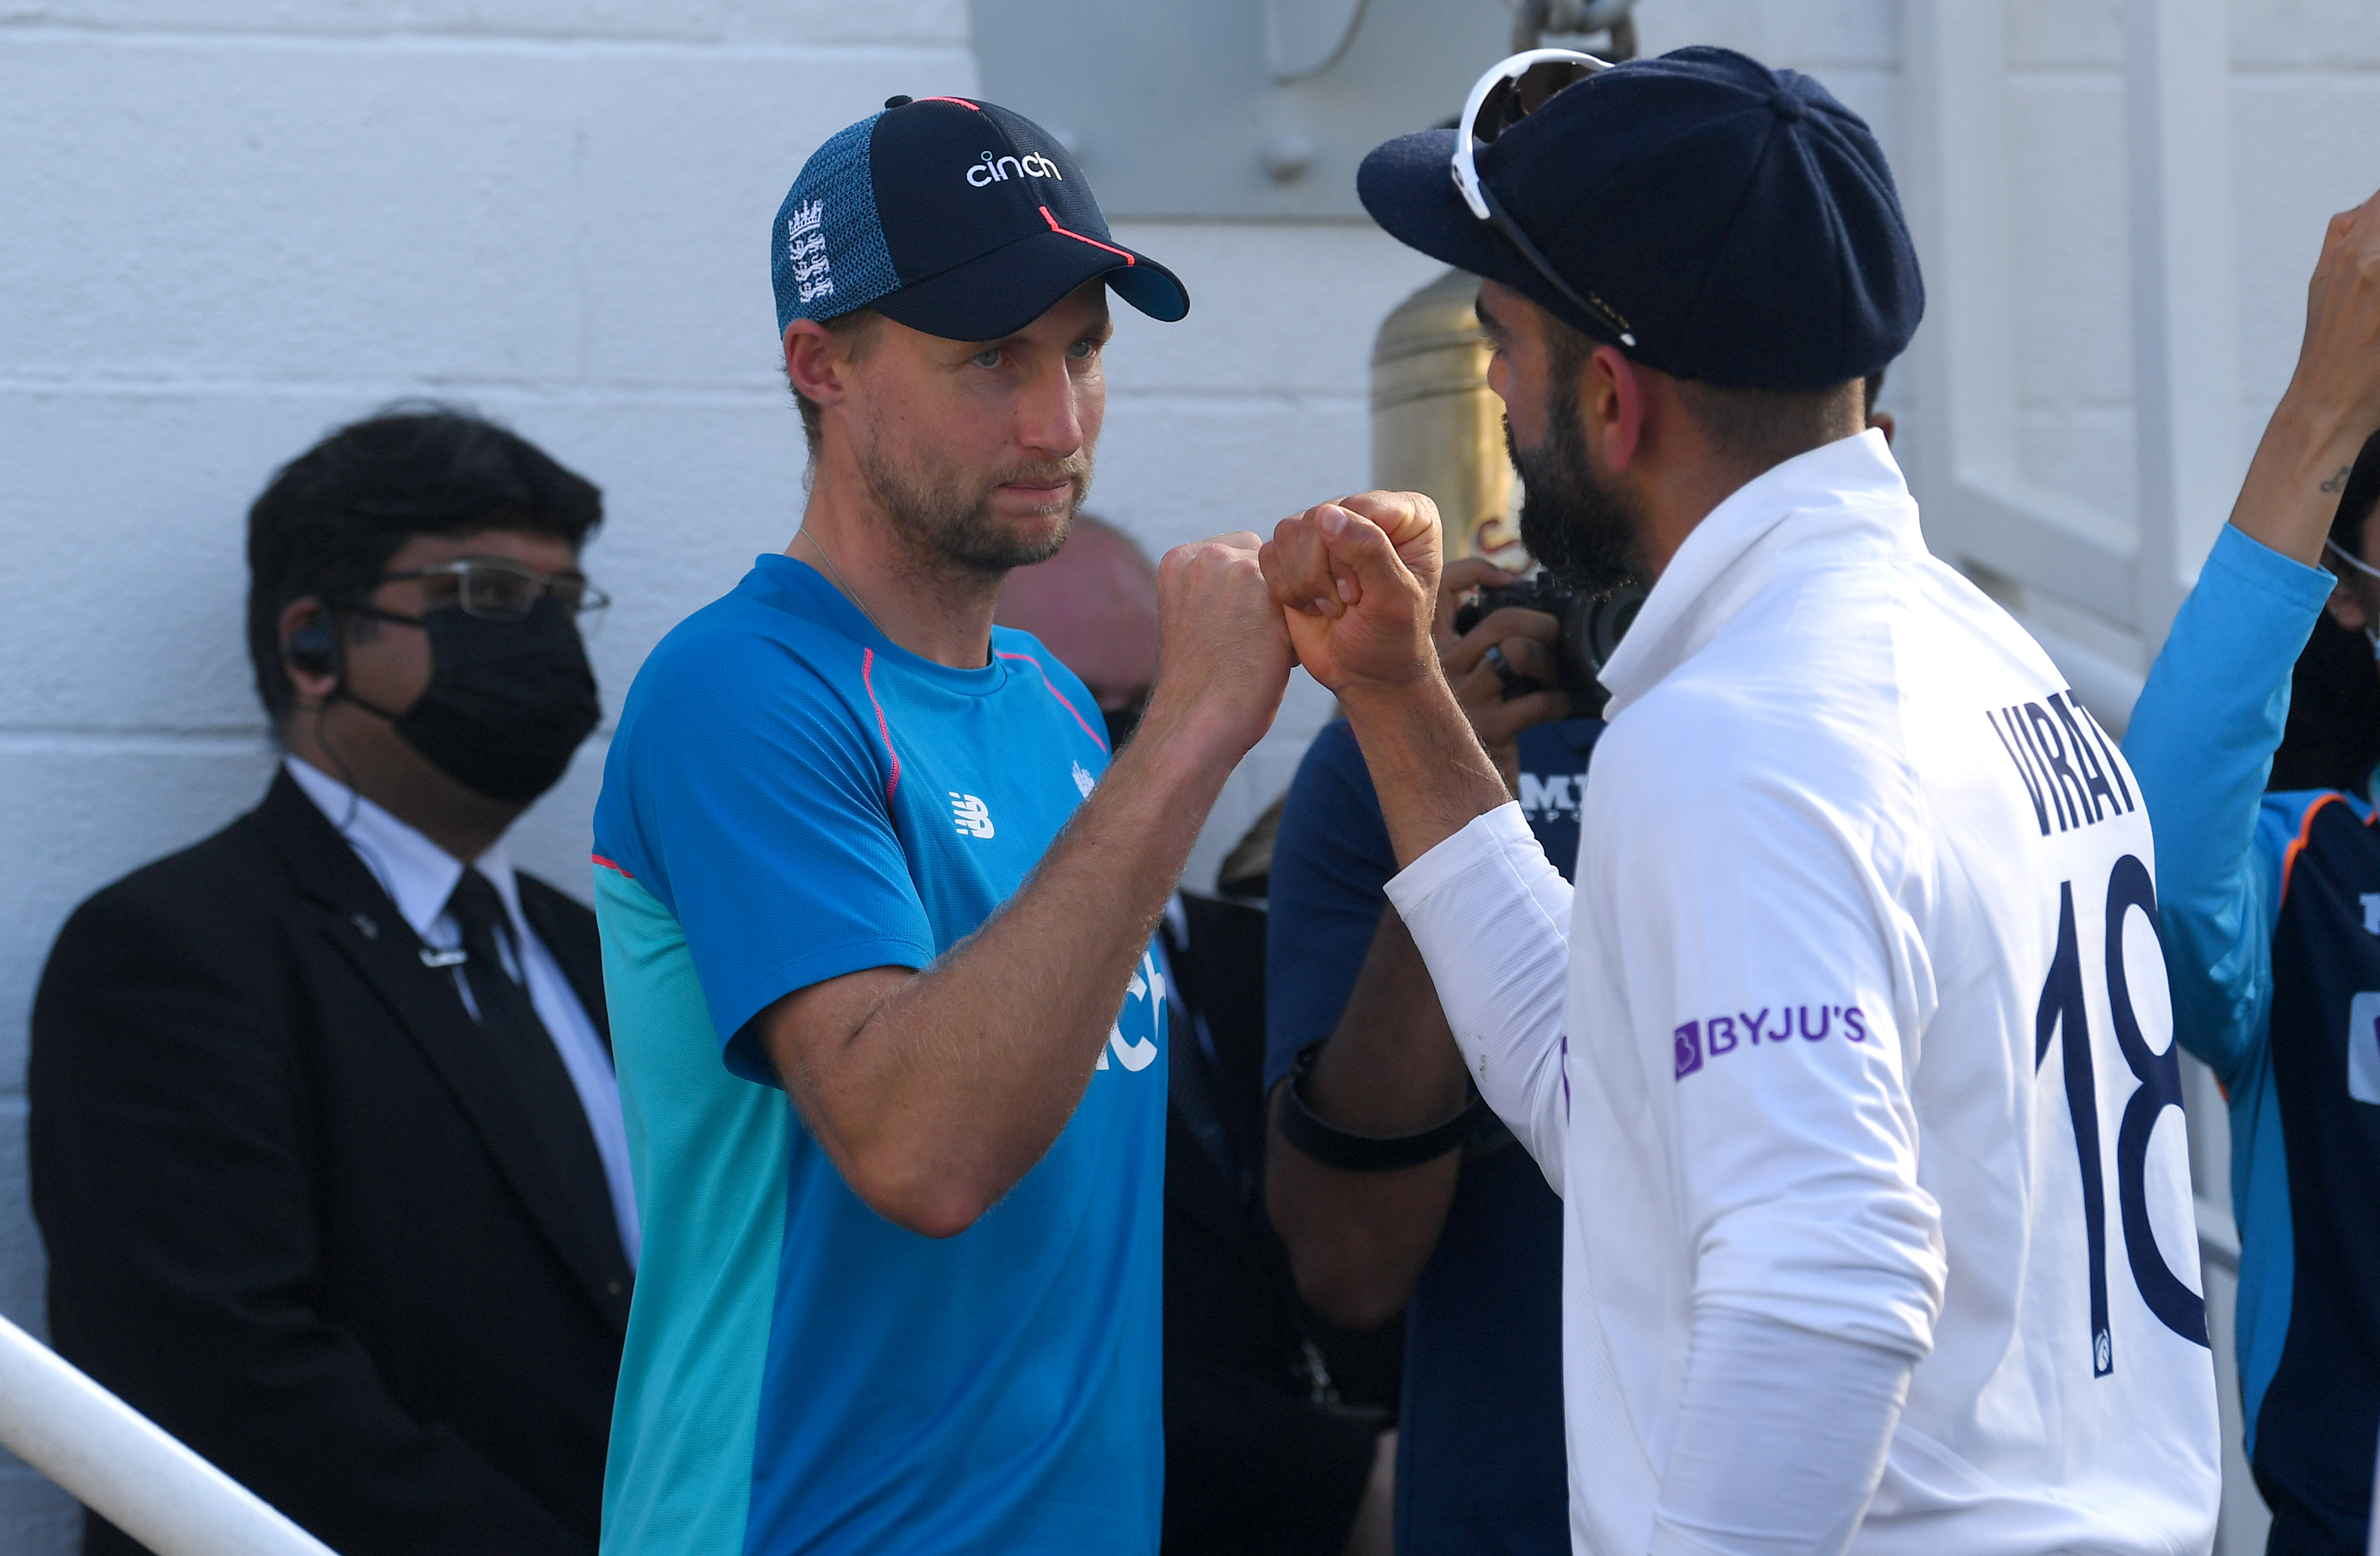 टीम इंडिया के सभी प्लेयर्स की कोविड टेस्ट रिपोर्ट निगेटिव, मैनचेस्टर टेस्ट तय शेड्यूल पर होगा|क्रिकेट,Cricket - Dainik Bhaskar